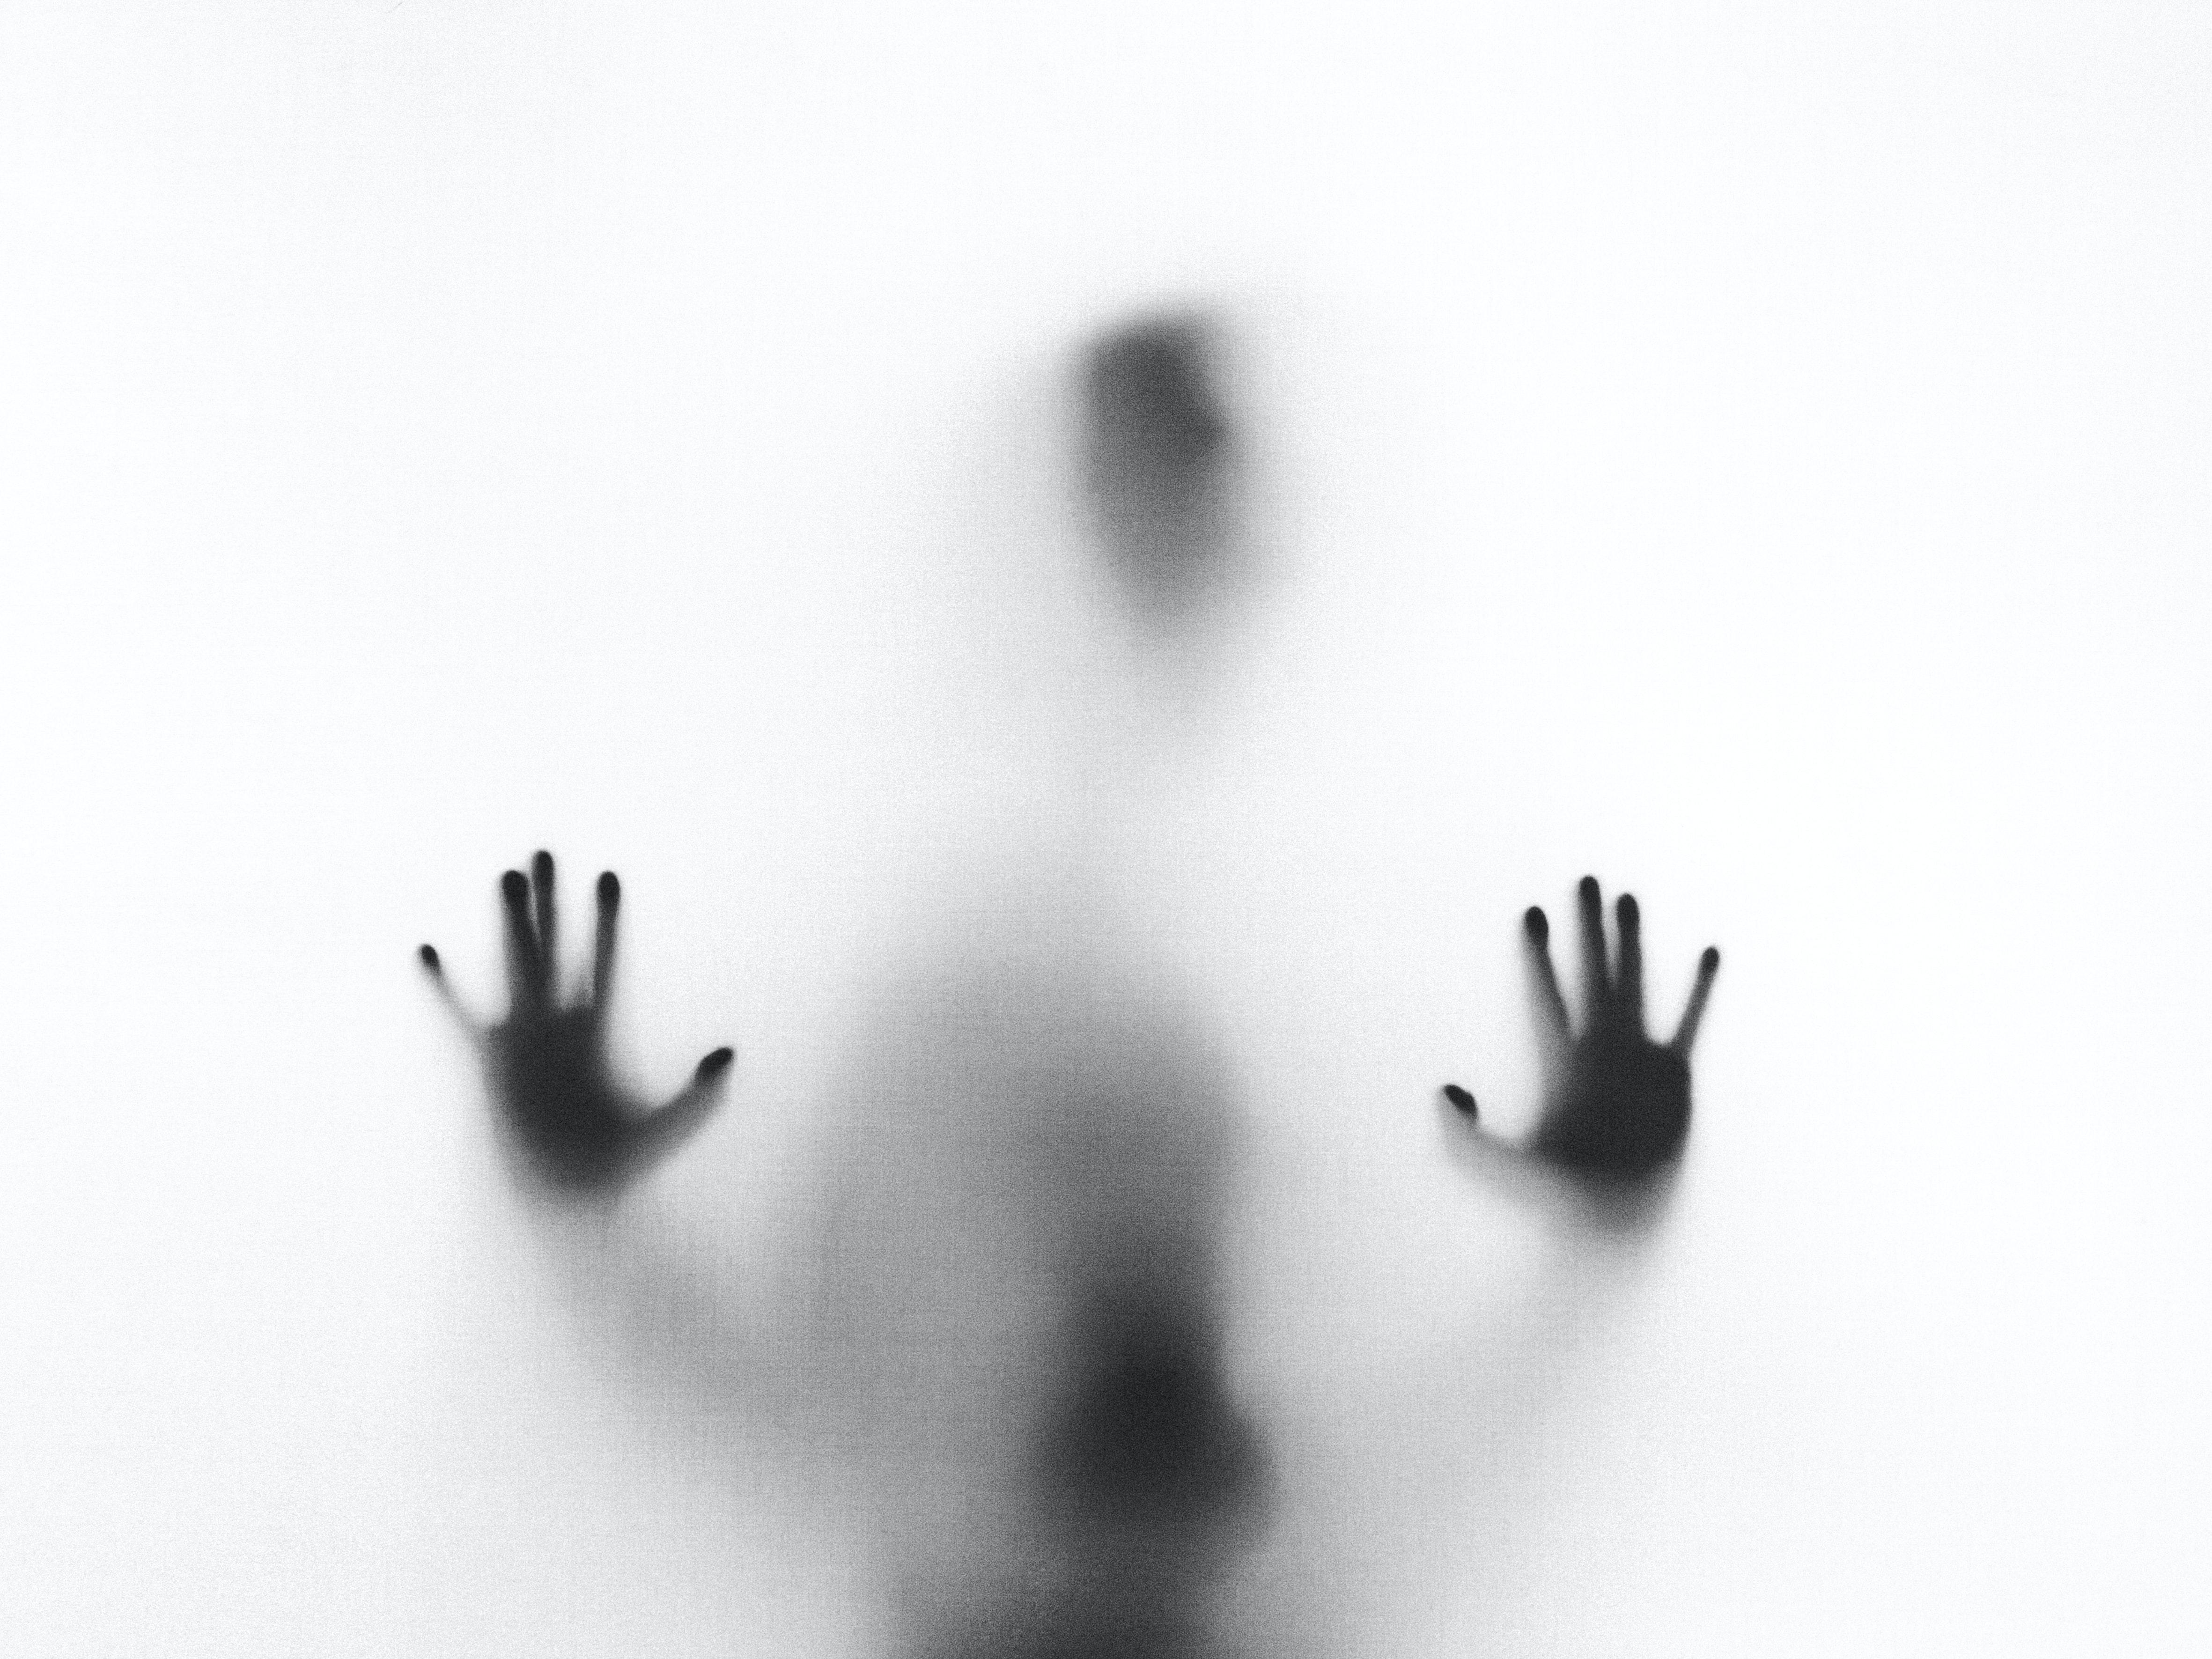 A person behind a fogged glass pane.